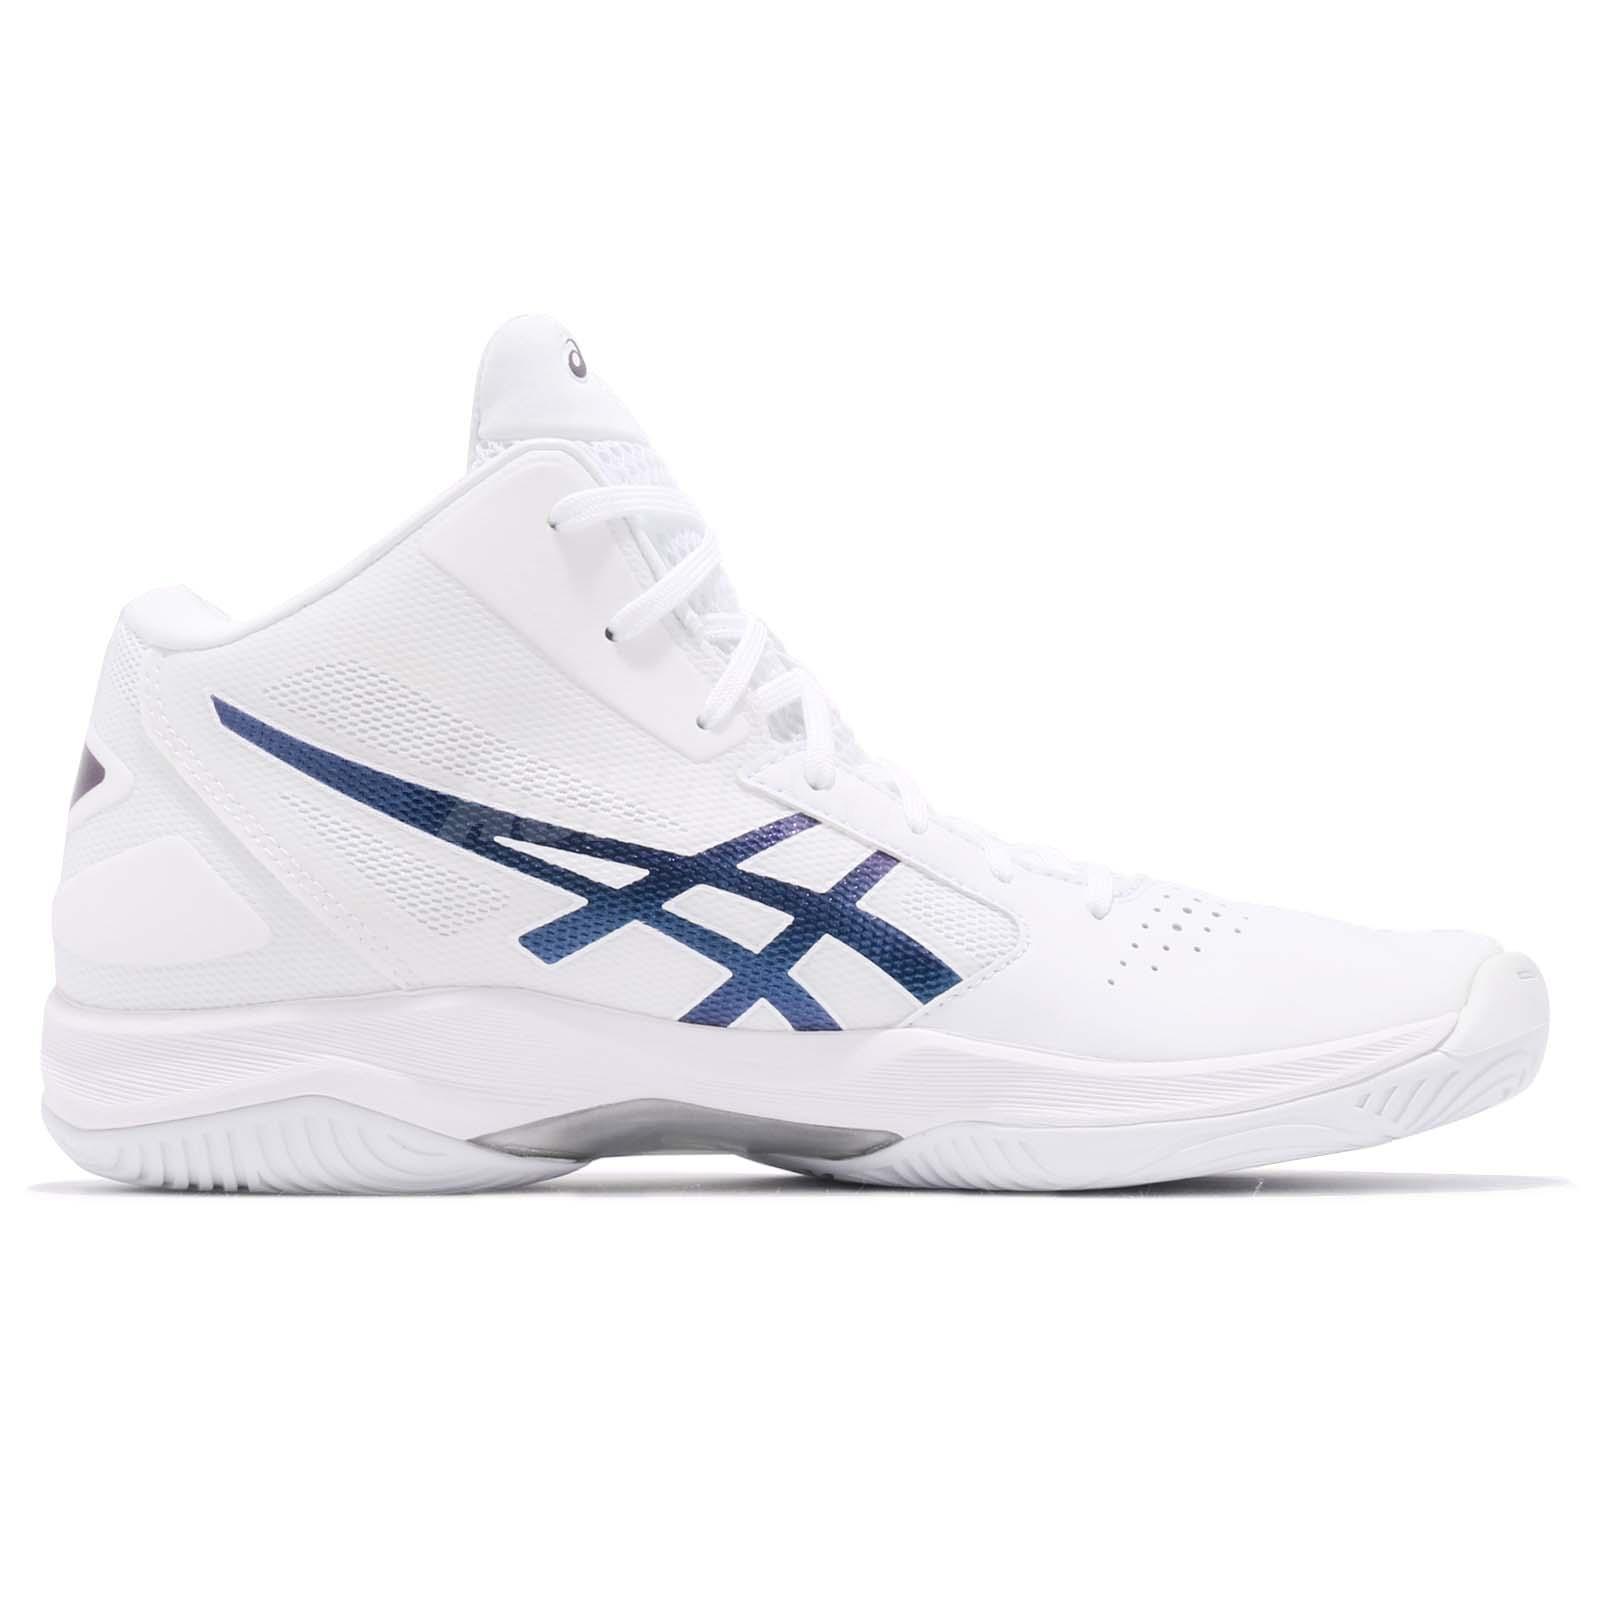 2feca268bf91 Asics Gel-Hoop V 10 White Prism Space Blue Men Basketball Shoes ...